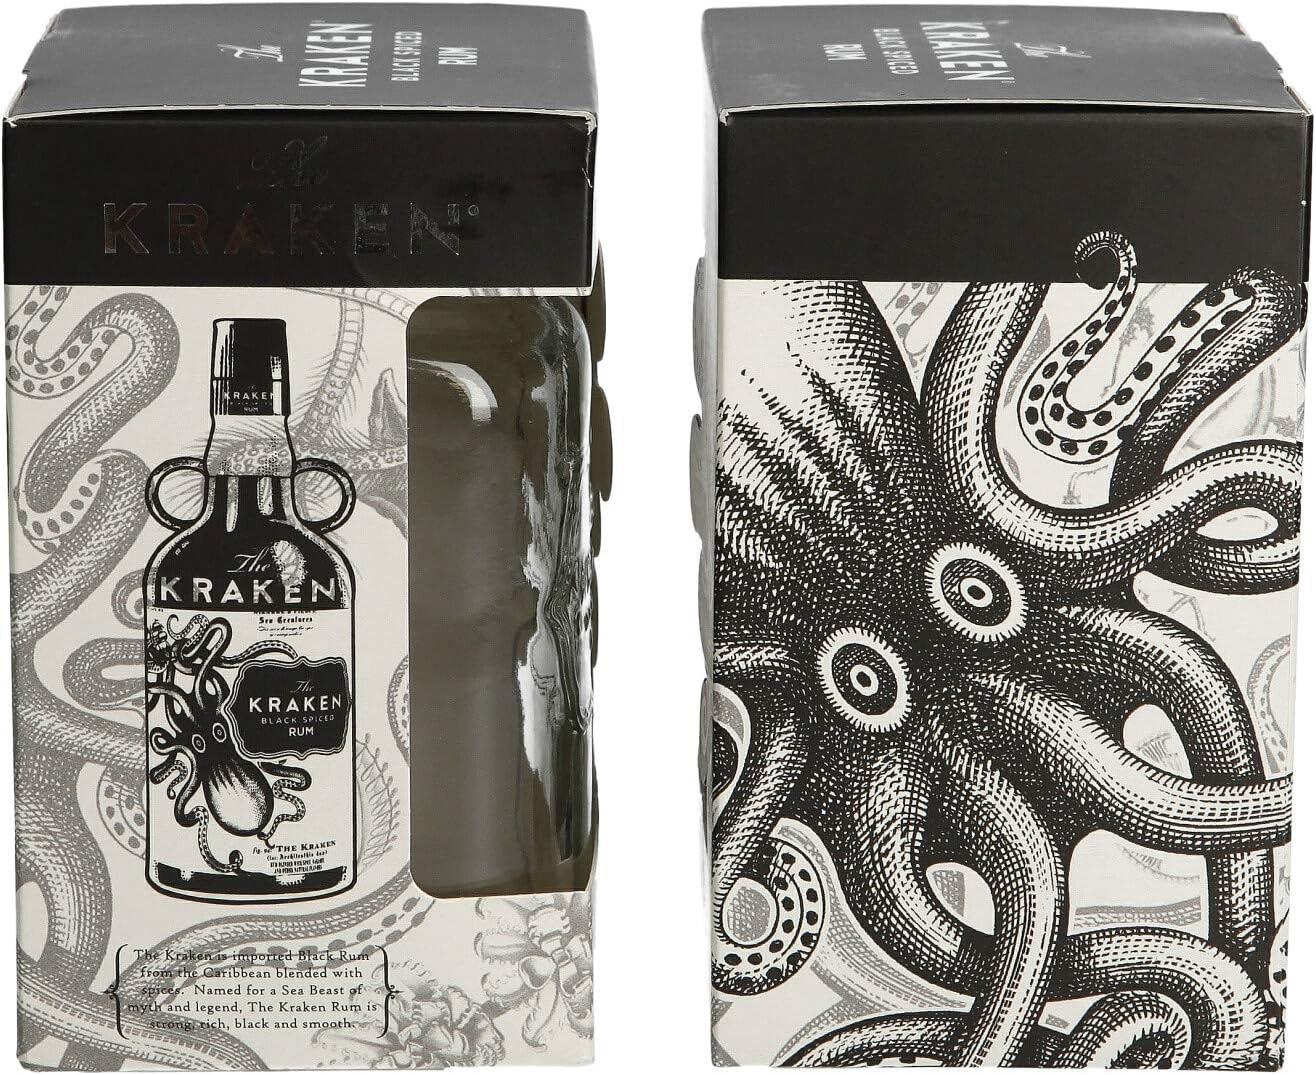 The KRAKEN edición limitada Rum Mason tarro de cristal